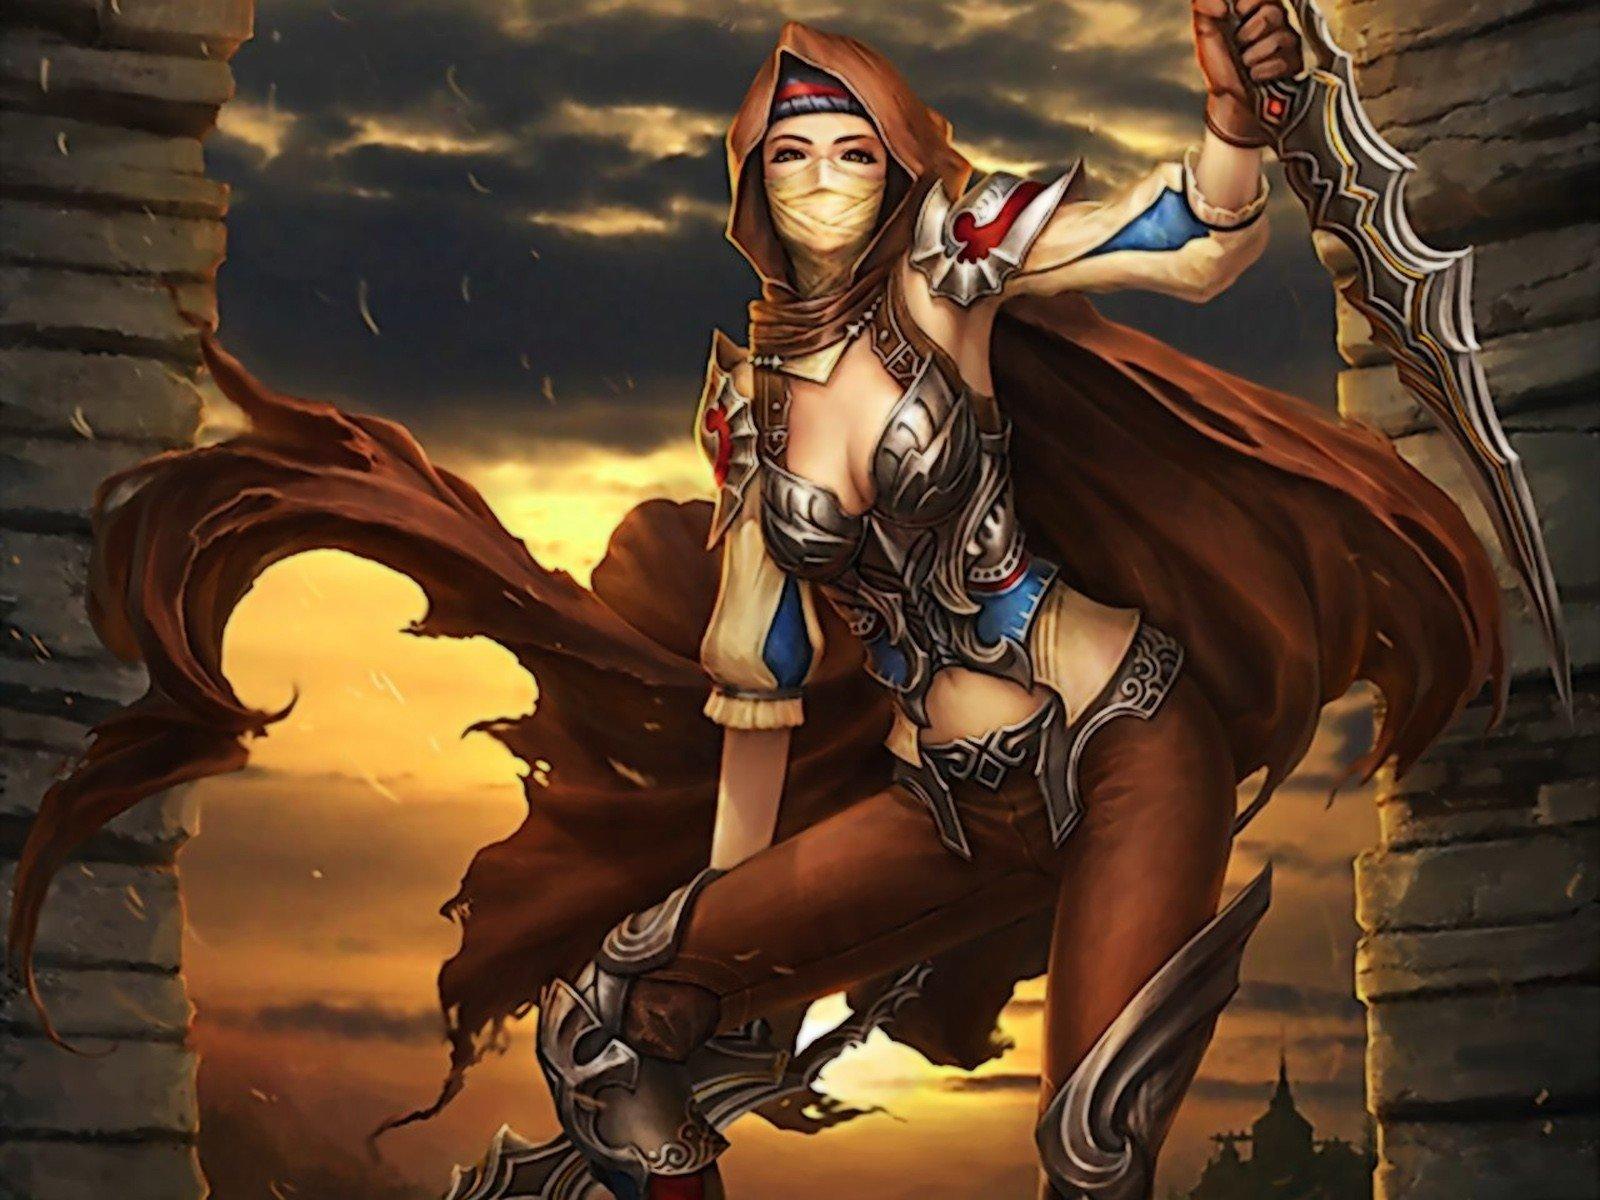 Anime Girl Warrior